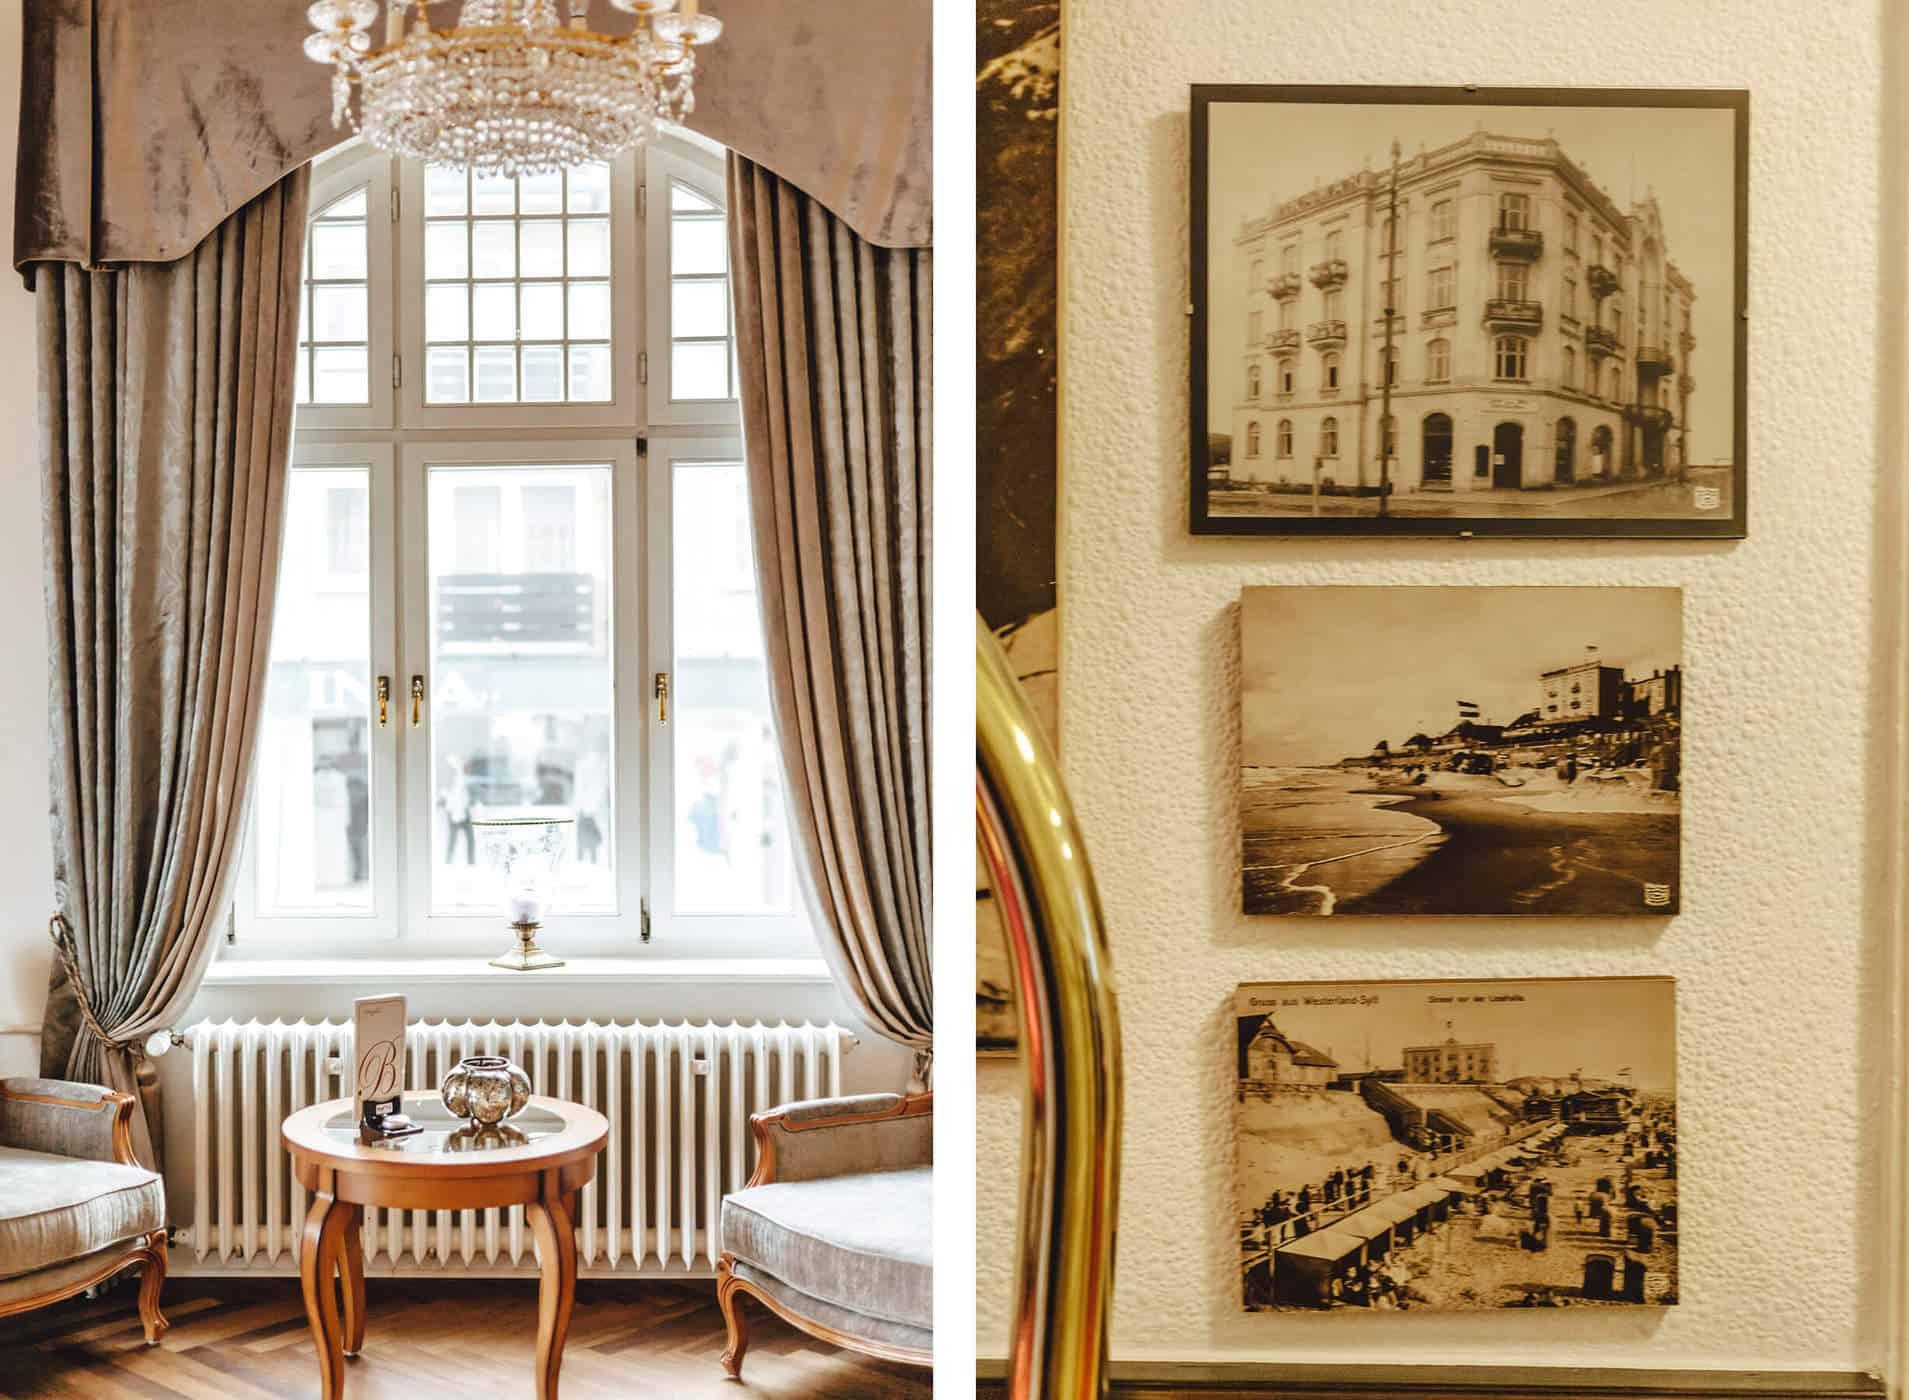 Hotel Miramar Aussenansicht Westerland auf Sylt Geschichte